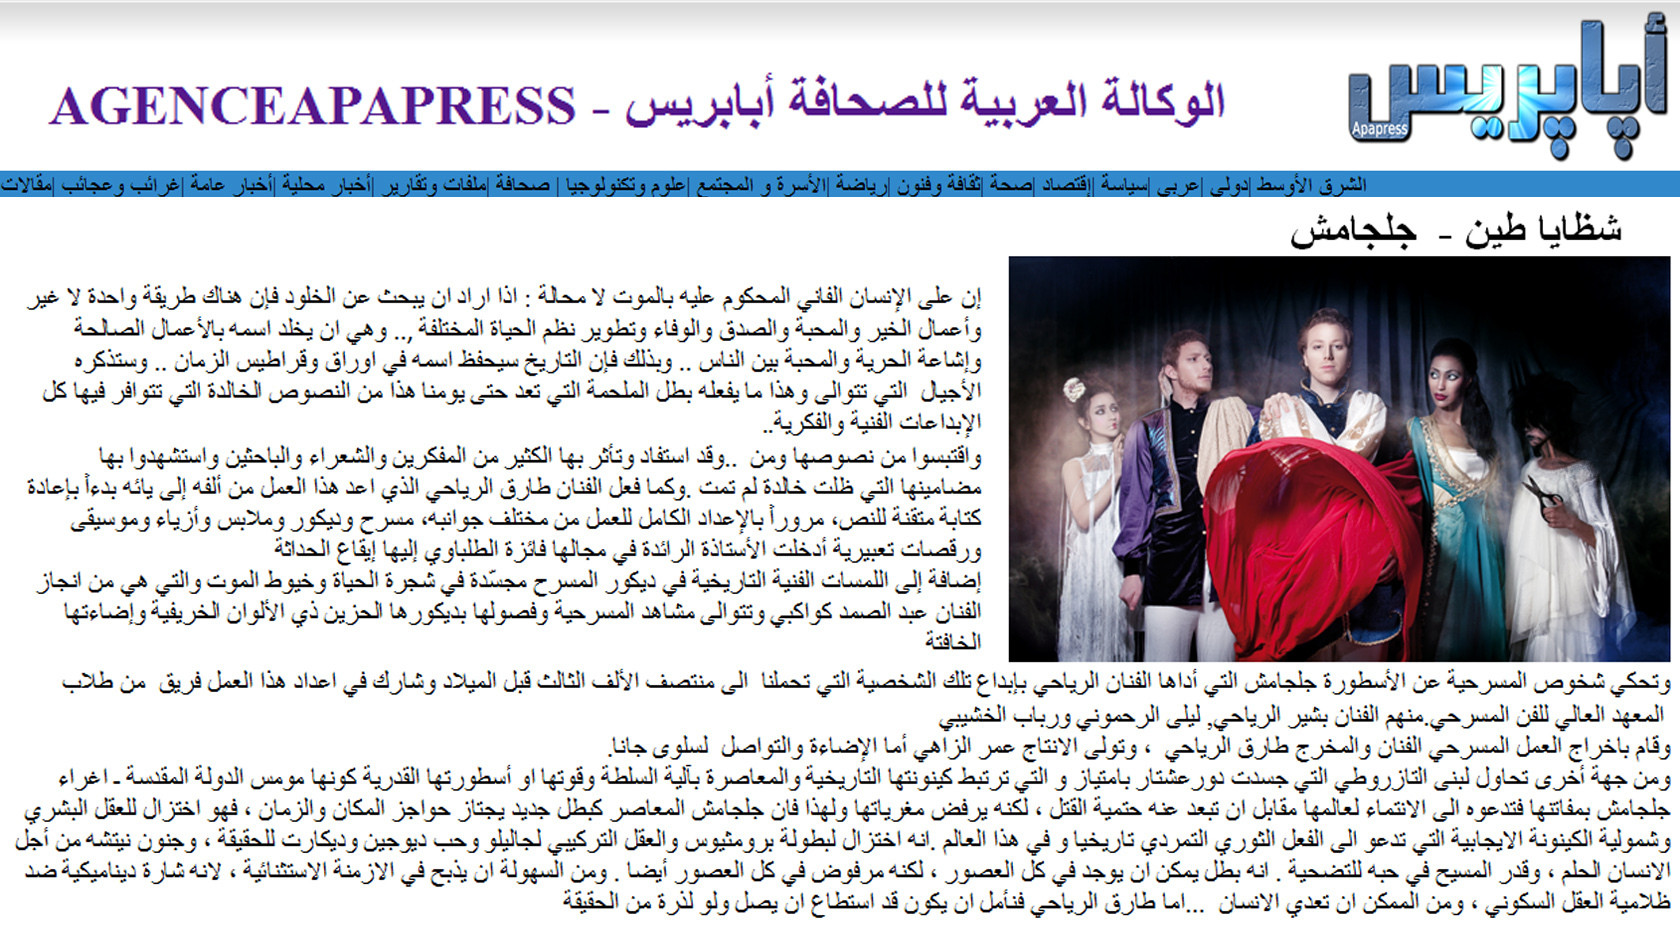 Apapress Article